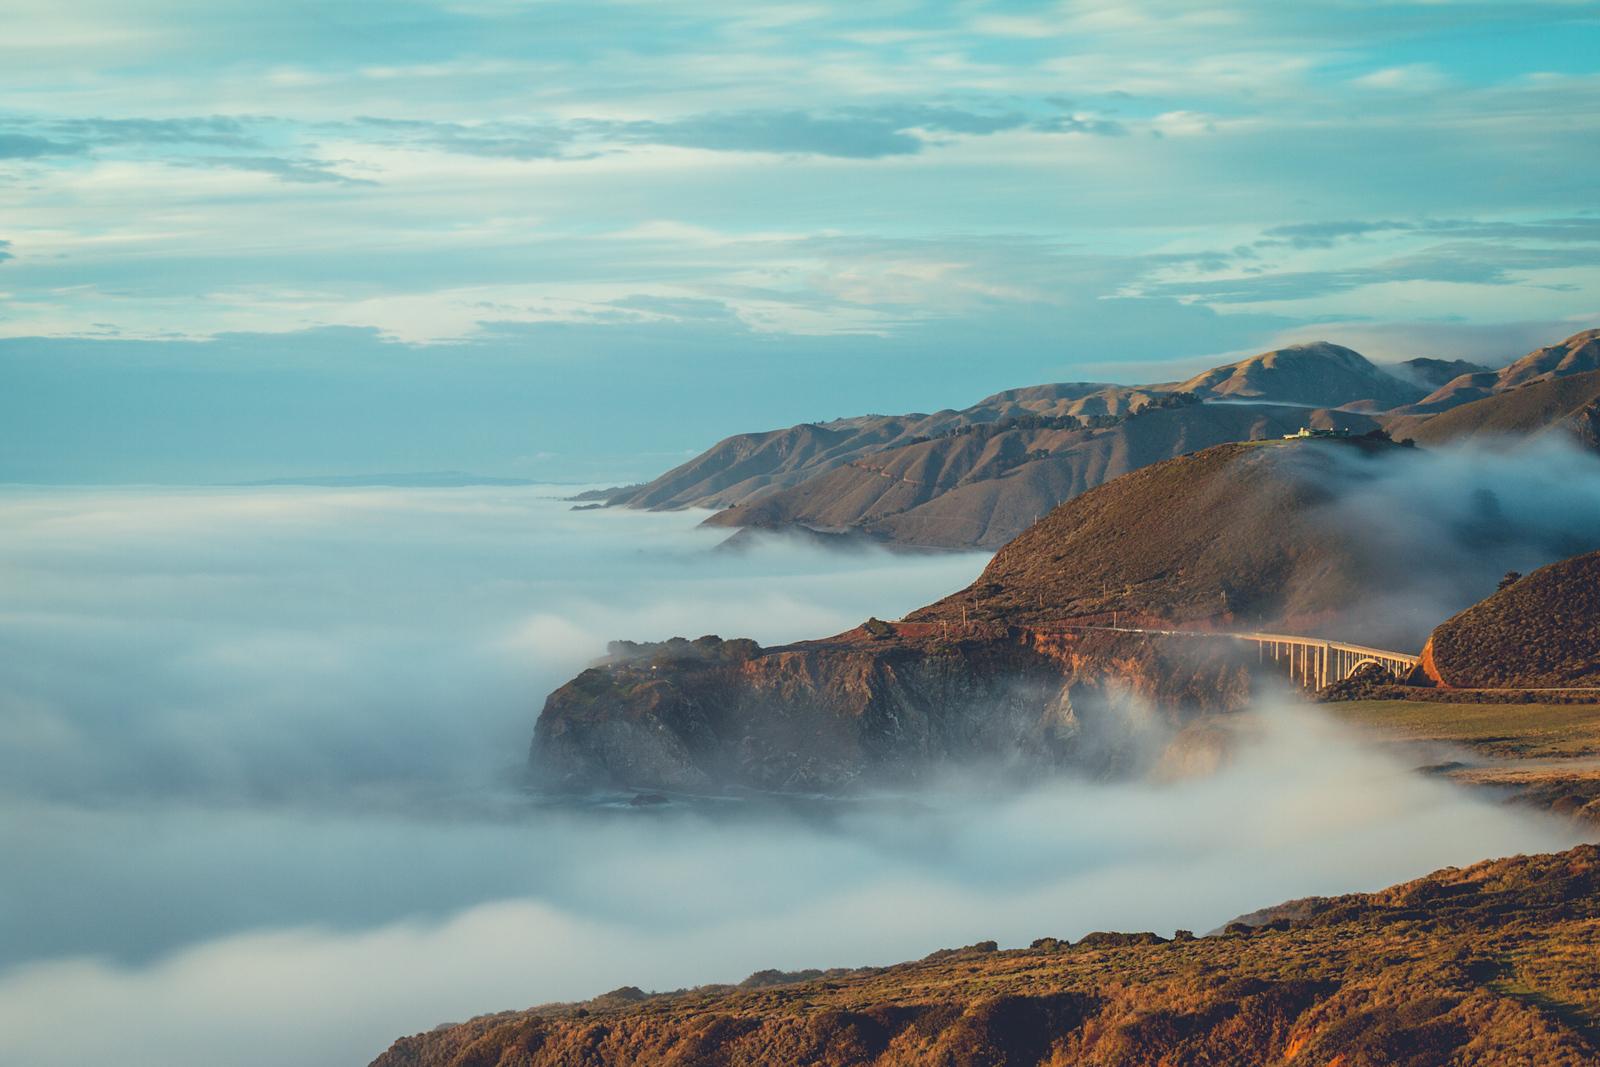 Highway 1 Coastline, Big Sur, California